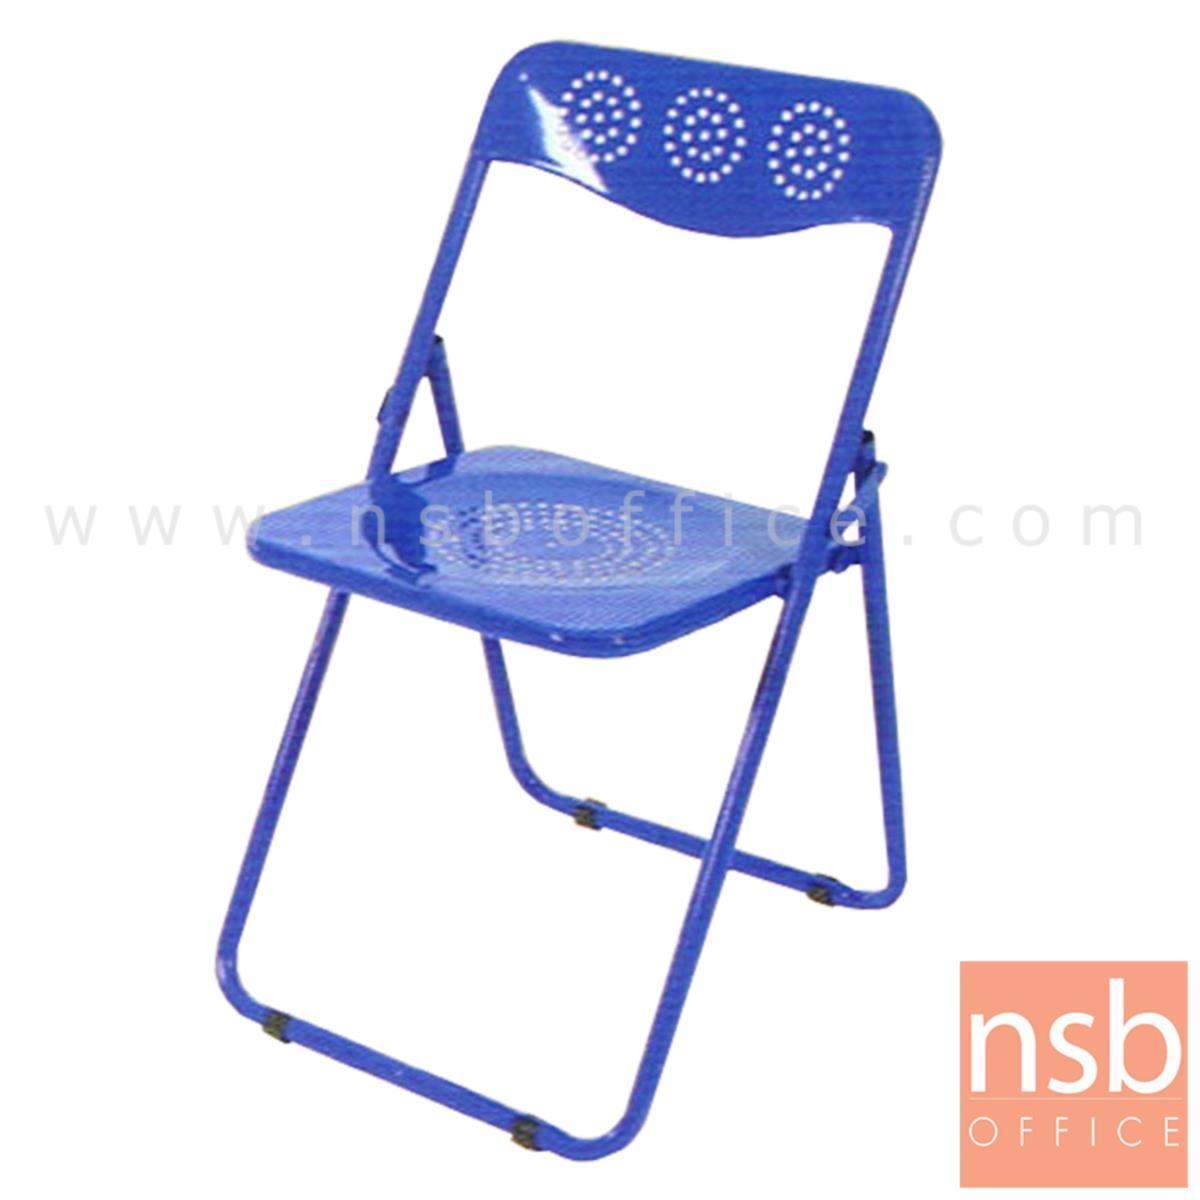 เก้าอี้พับที่นั่งเหล็ก รุ่น SPORT ขาเหล็ก (บรรจุกล่องละ 4 ตัว)